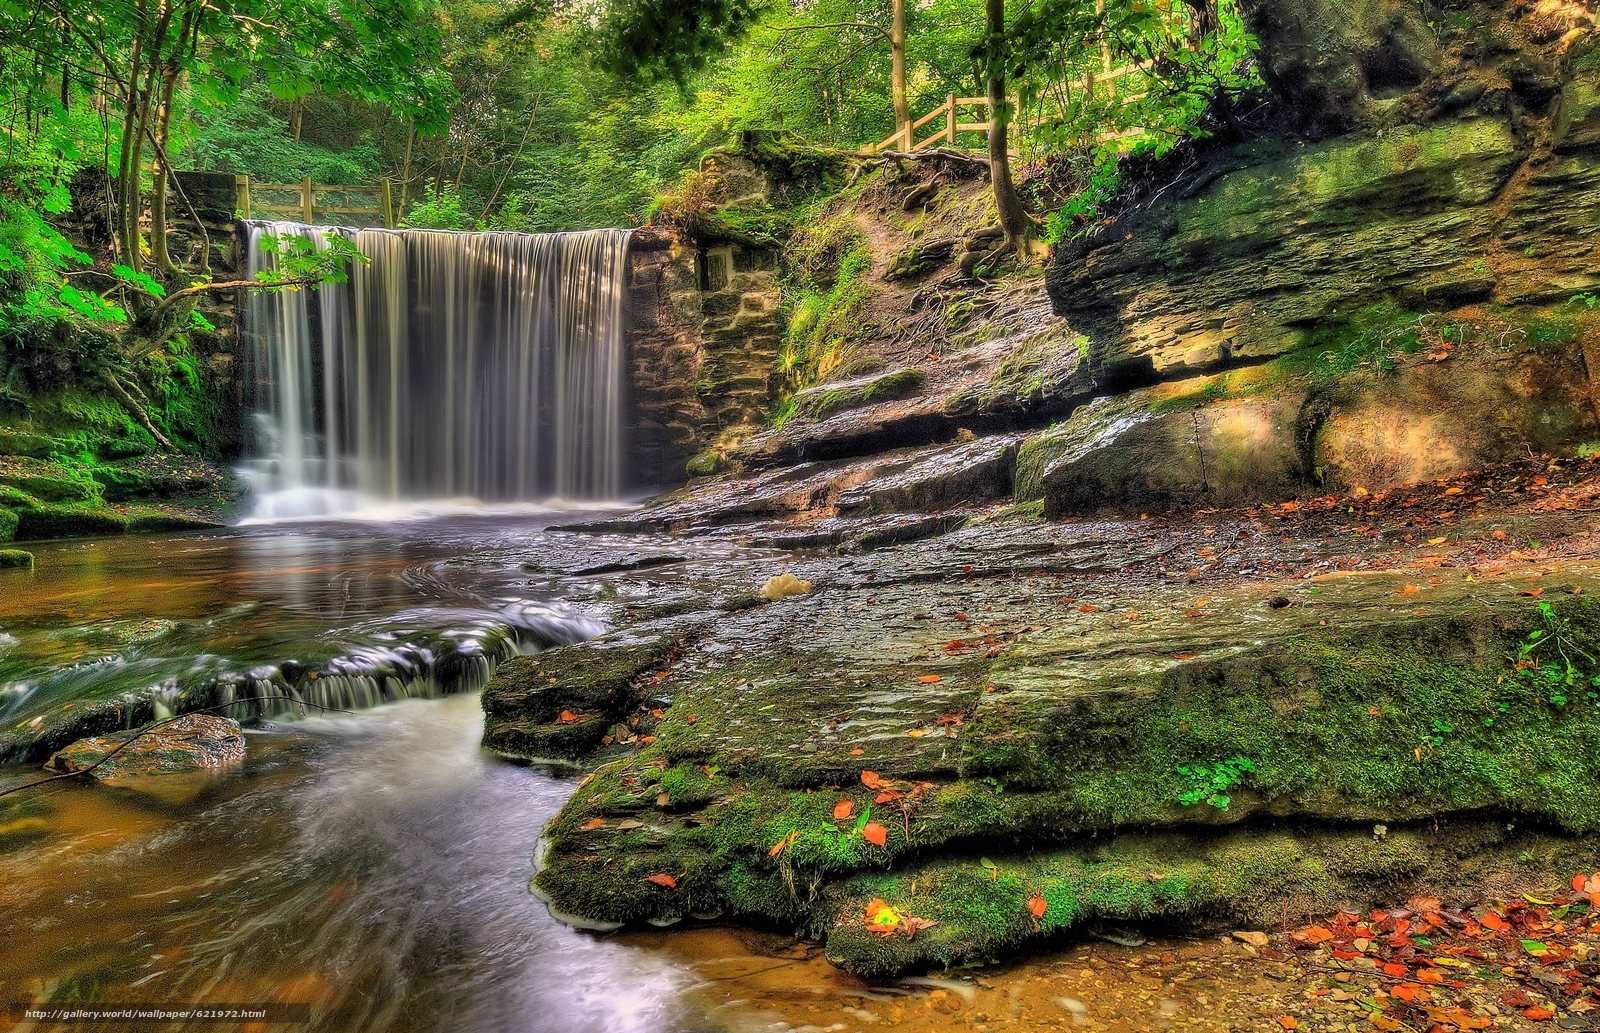 Скачать обои лес,  водопад,  речка,  скалы бесплатно для рабочего стола в разрешении 3513x2267 — картинка №621972